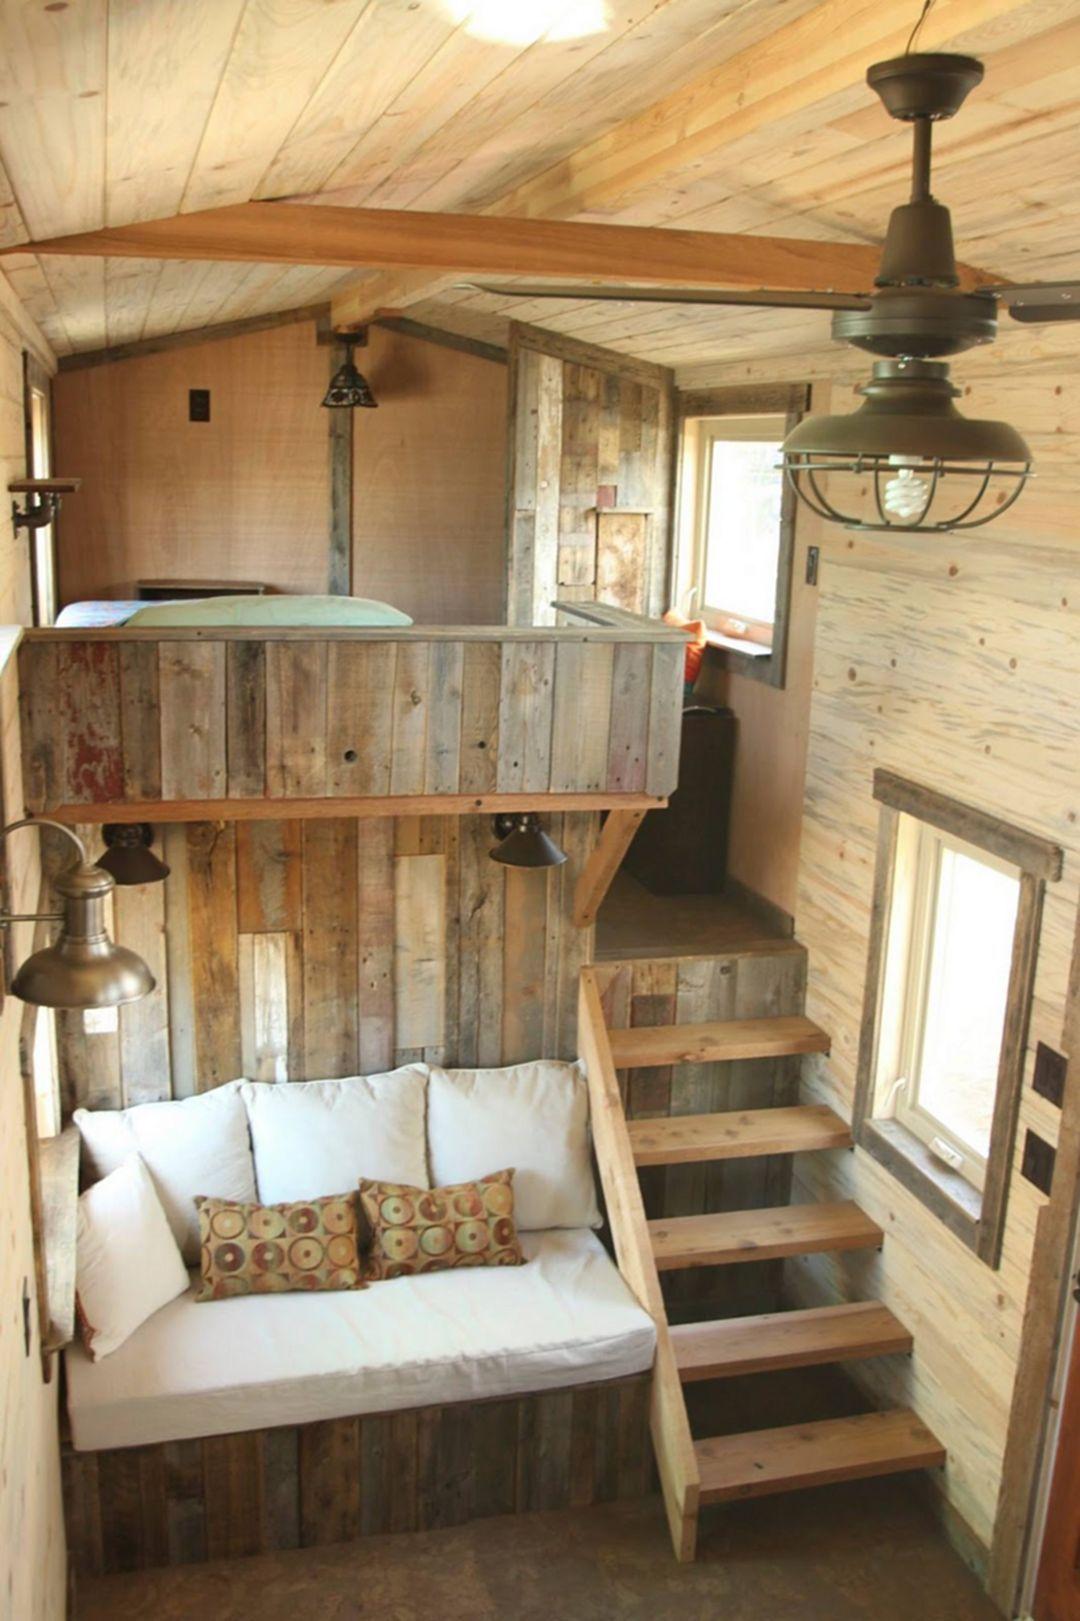 Wonderful Tiny House Design Ideas 2020 狭小ハウス ロフト インテリア